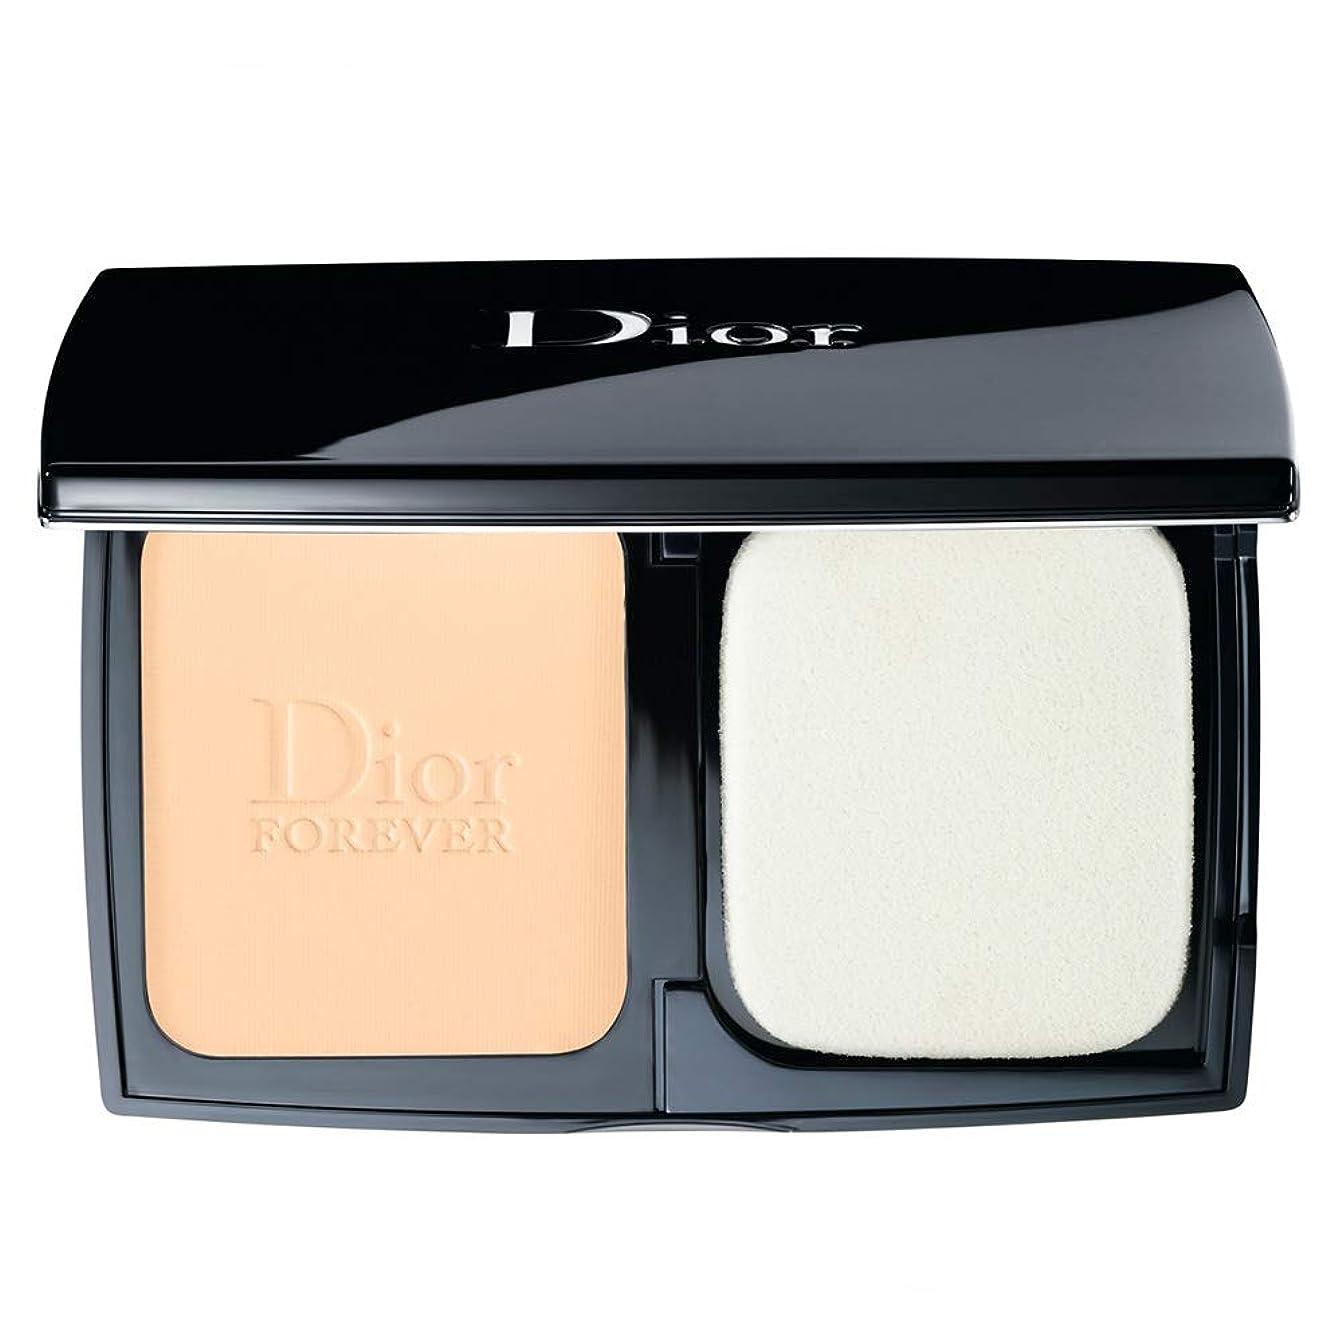 野望つば入射クリスチャンディオール Diorskin Forever Extreme Control Perfect Matte Powder Makeup SPF 20 - # 010 Ivory 9g/0.31oz並行輸入品